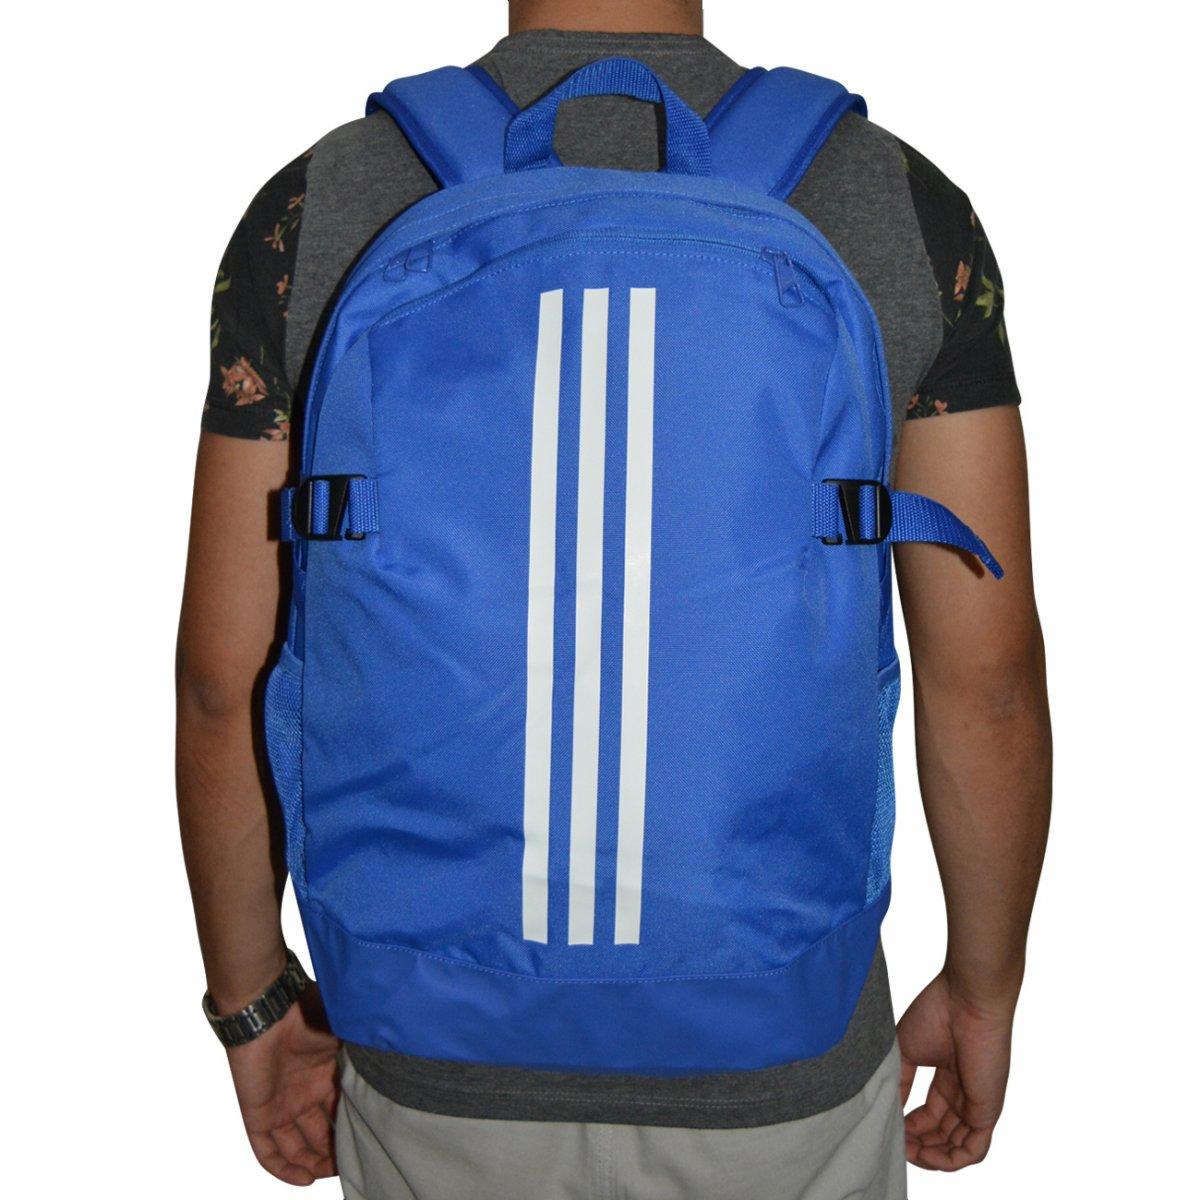 52abfd790 Mochila Adidas BP Power IV CG0494 - Azul/branco - Chuteira Nike, Adidas.  Sandalias Femininas. Sandy Calçados